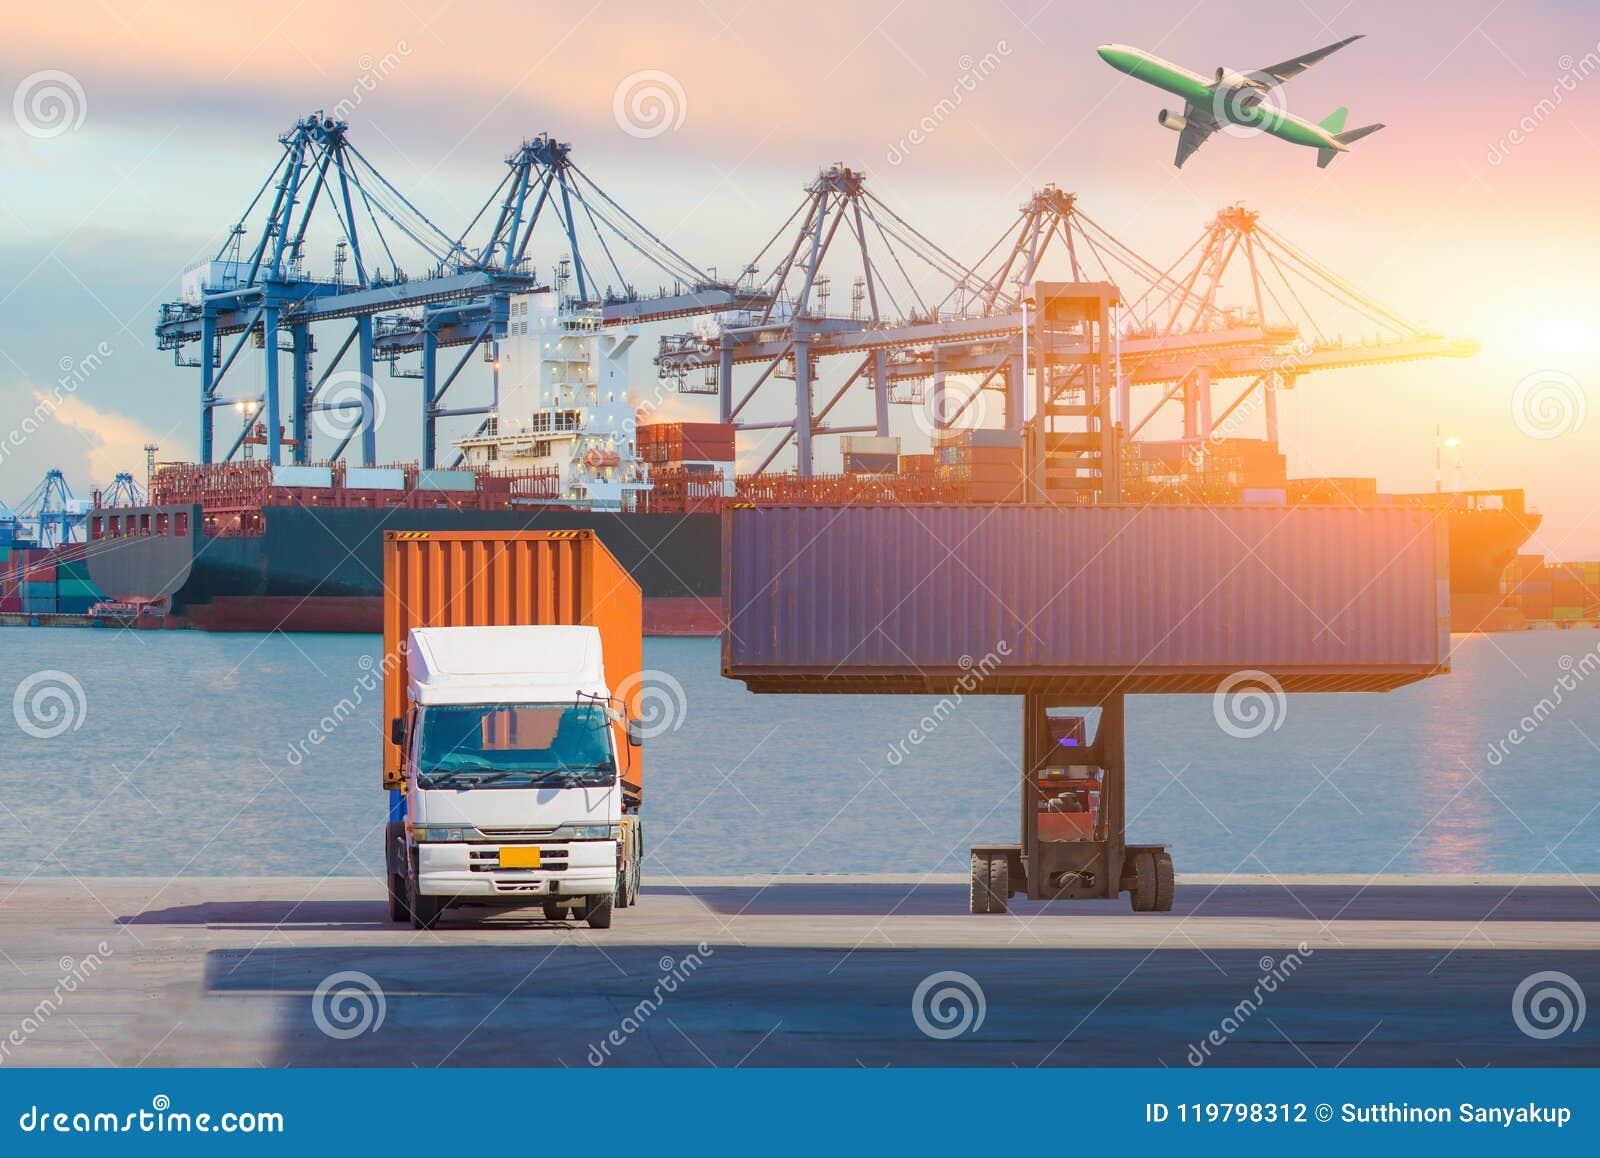 Gaffeltrucklyftande lastbehållare i sändande gård eller skeppsdockagård mot soluppgånghimmel för trans.import, export och journal